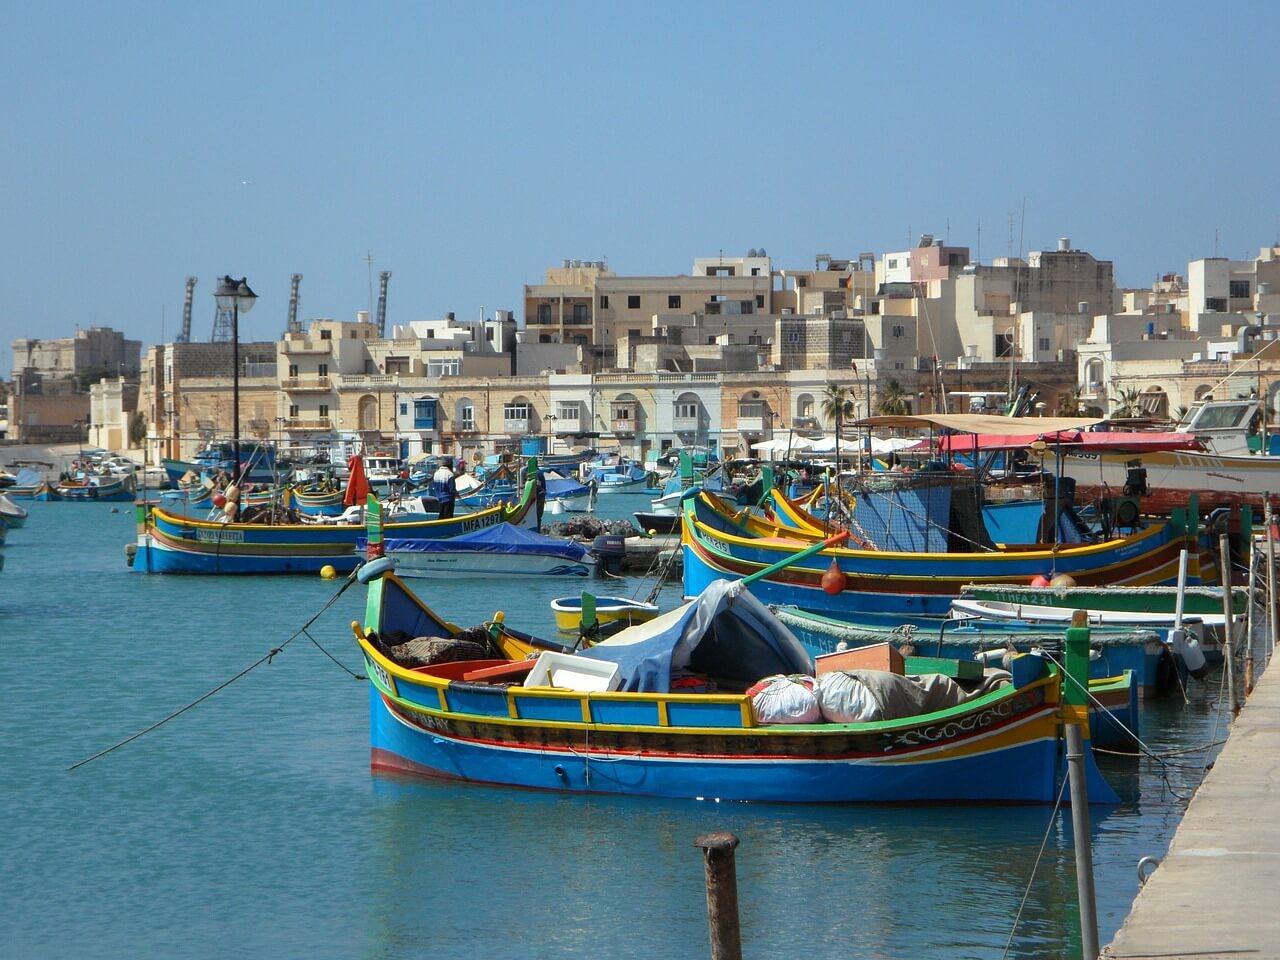 Boote im Hafen von Marsaxlokk